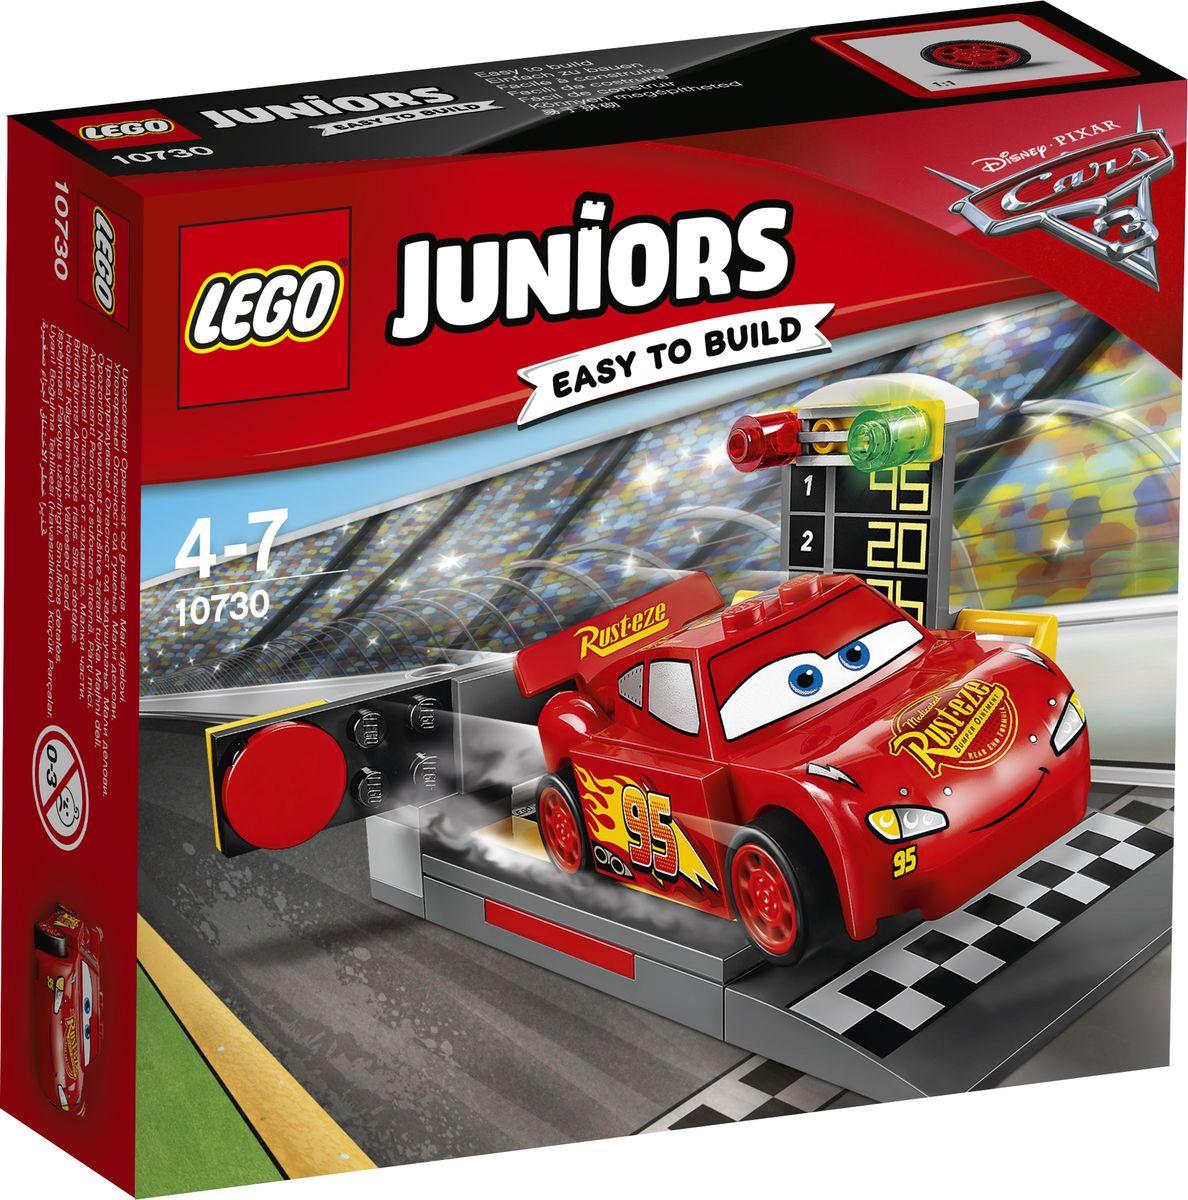 LEGO Juniors Конструктор Устройство для запуска Молнии МакКуина 10730 проверьте товар на соответствие сертификатов а